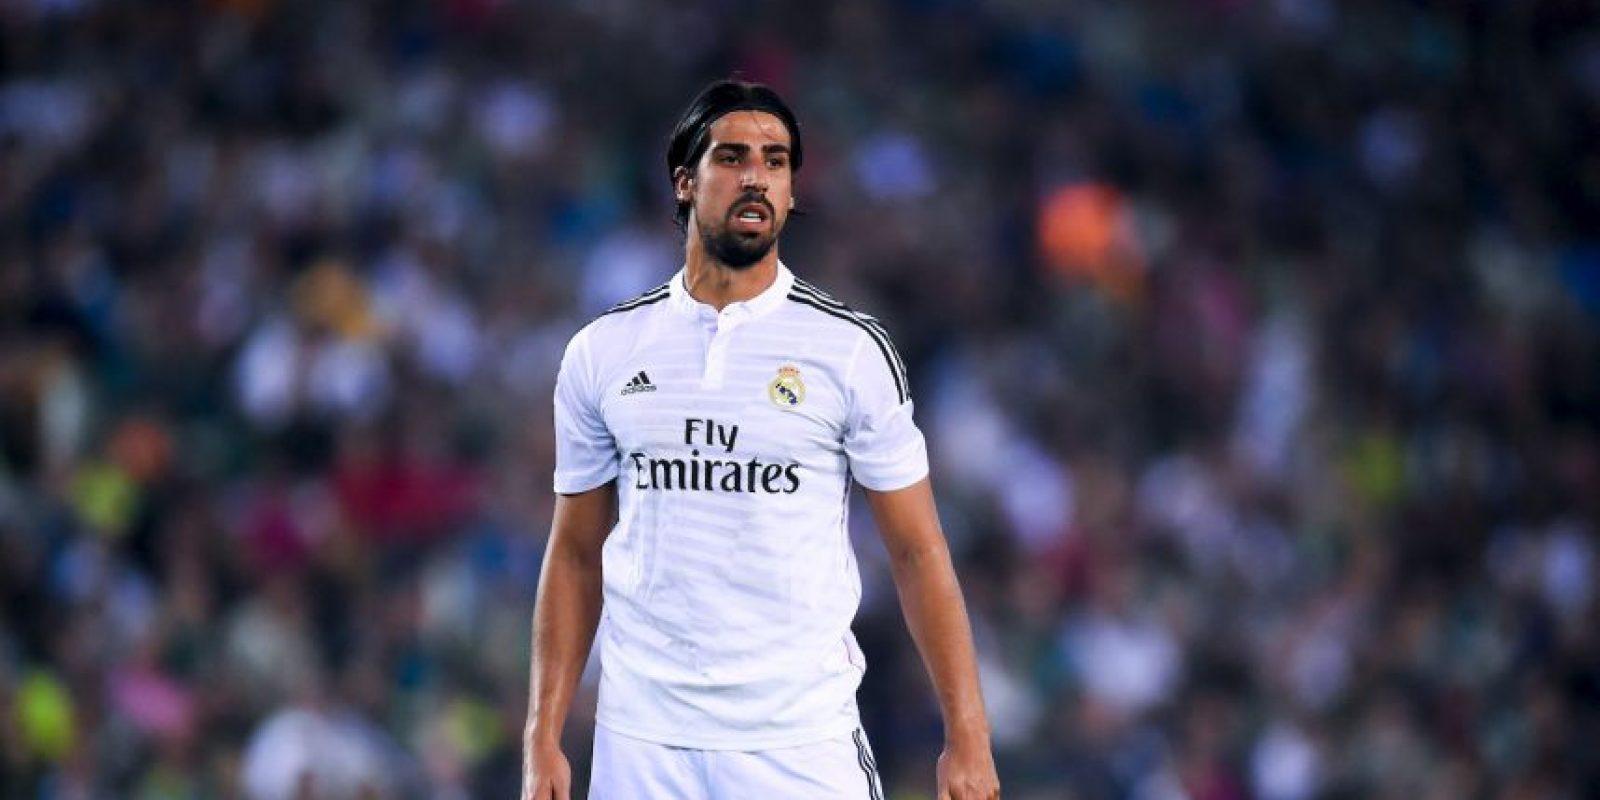 En 2010, tras su actuación destacada con la Selección de Alemania en Sudáfrica 2010, llegó al Real Madrid. Foto:Getty Images